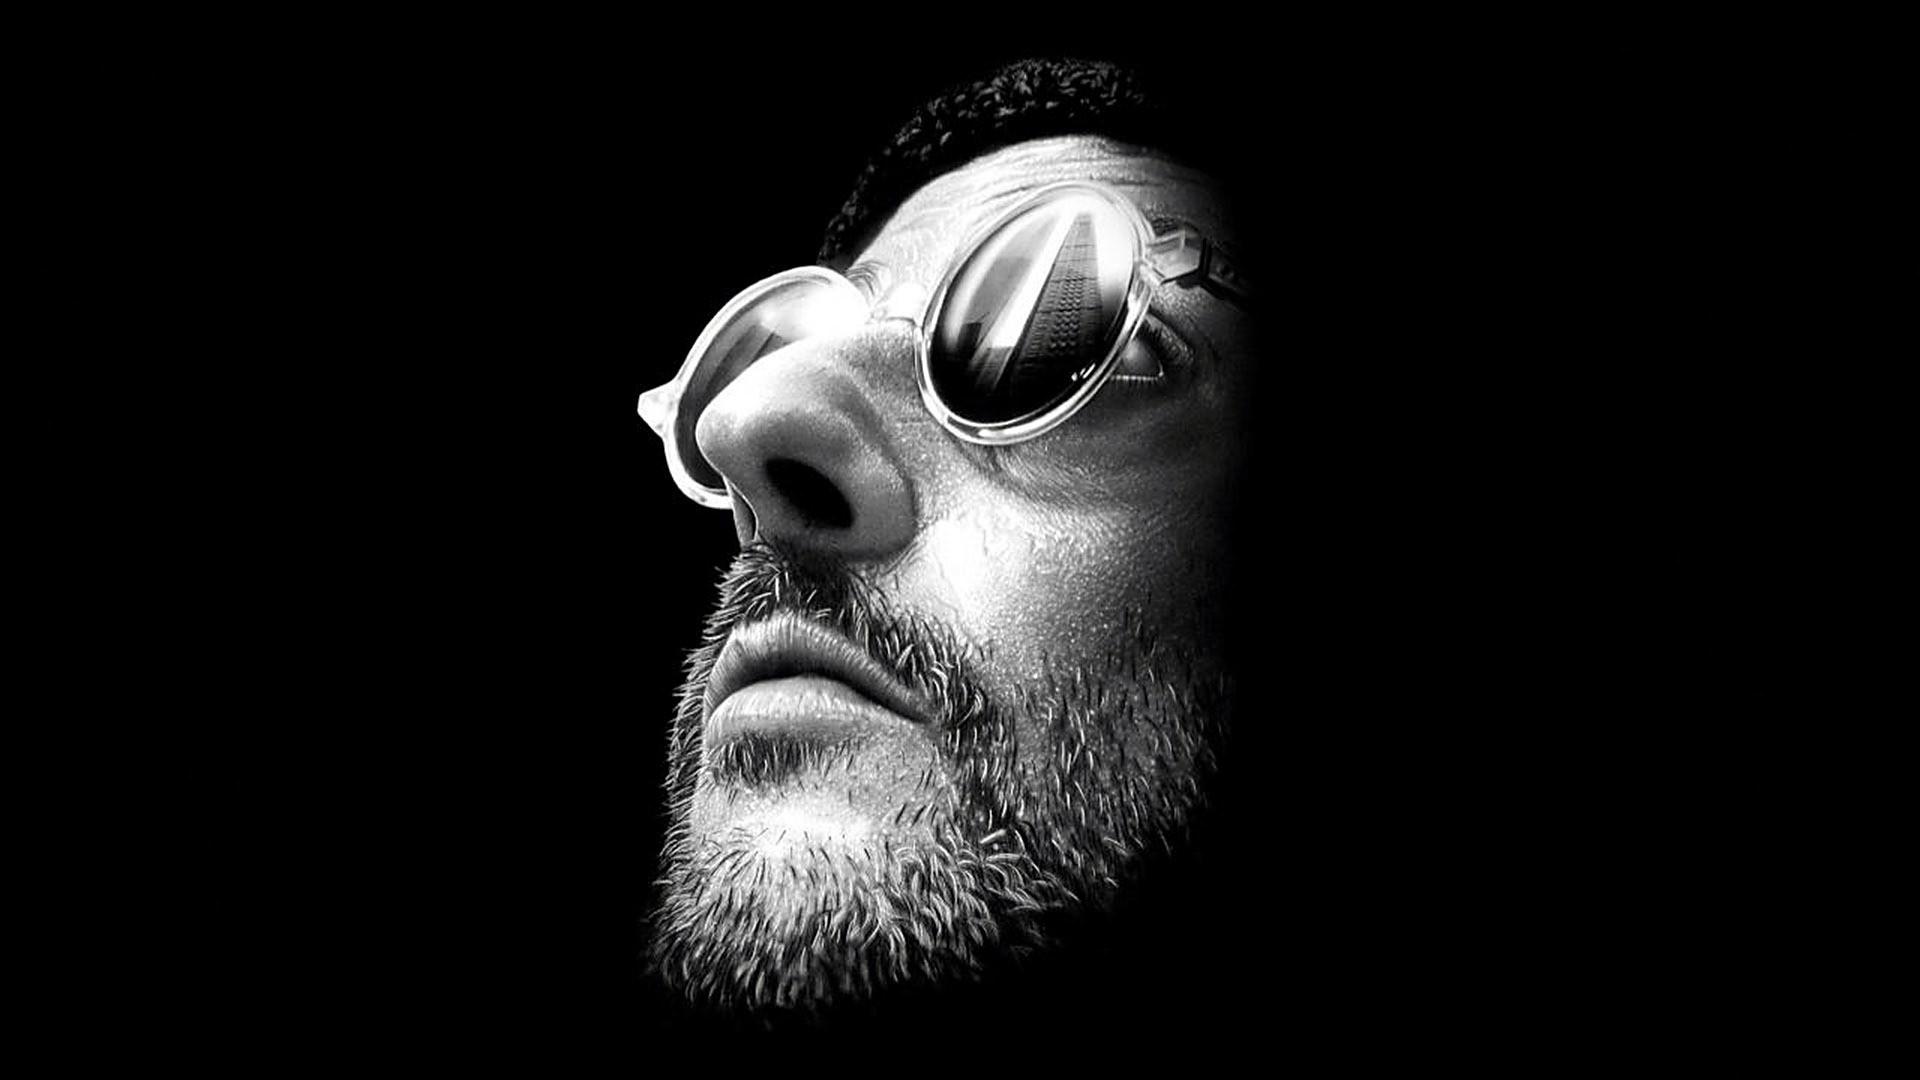 Wallpaper : Face, Portrait, Sunglasses, Glasses, Moustache